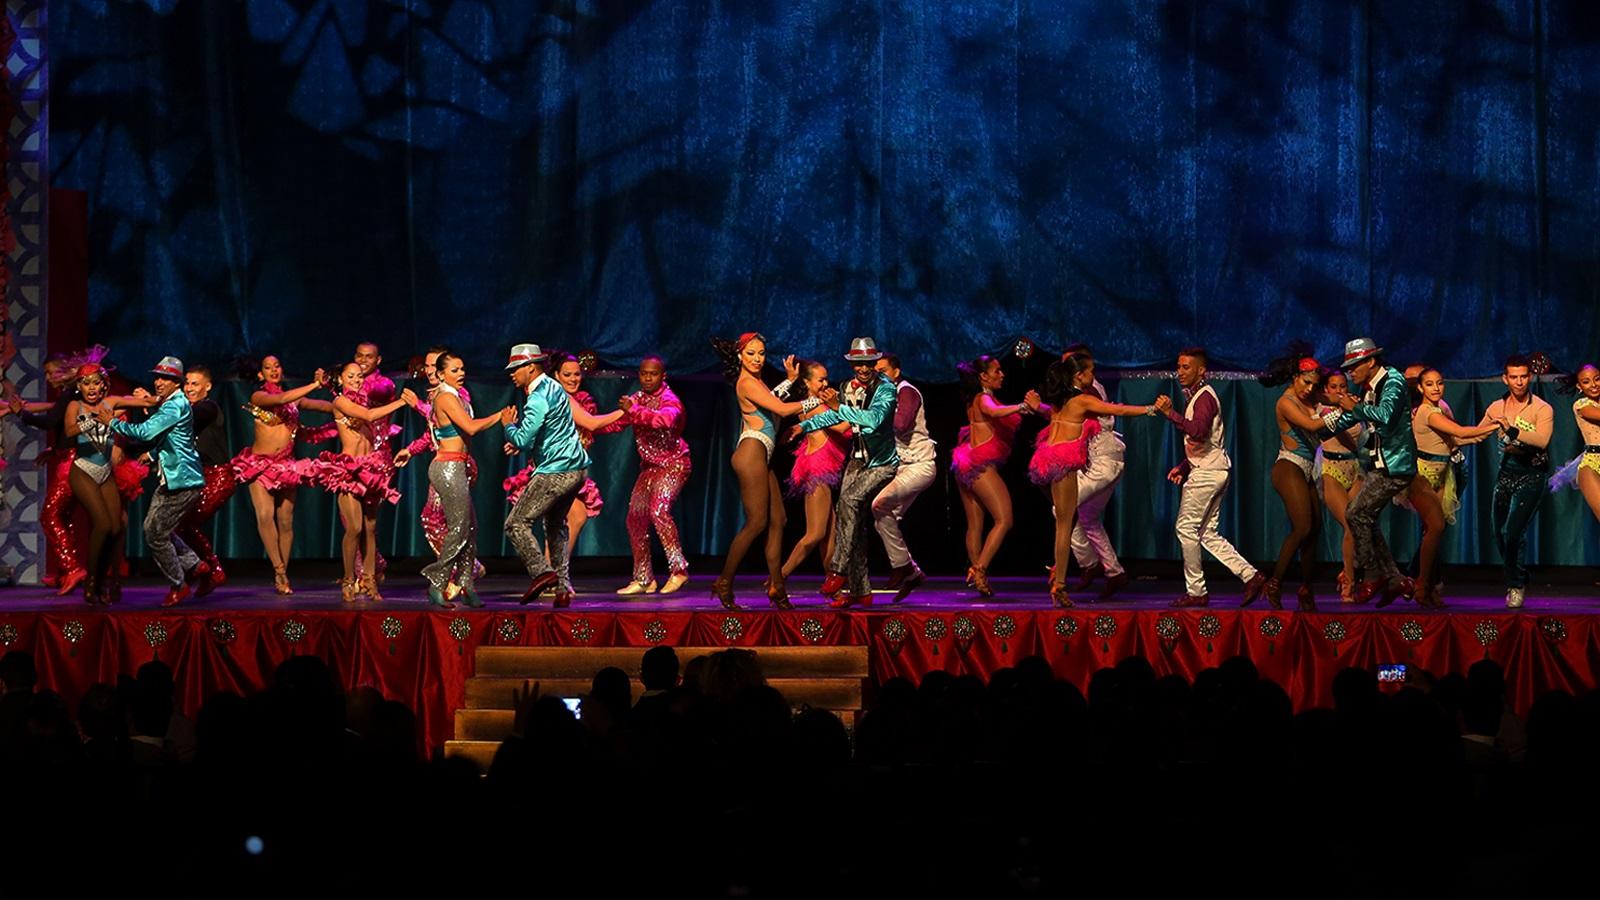 bailarines-de-salsa-calenos-conquistan-los-escenarios-del-mundo